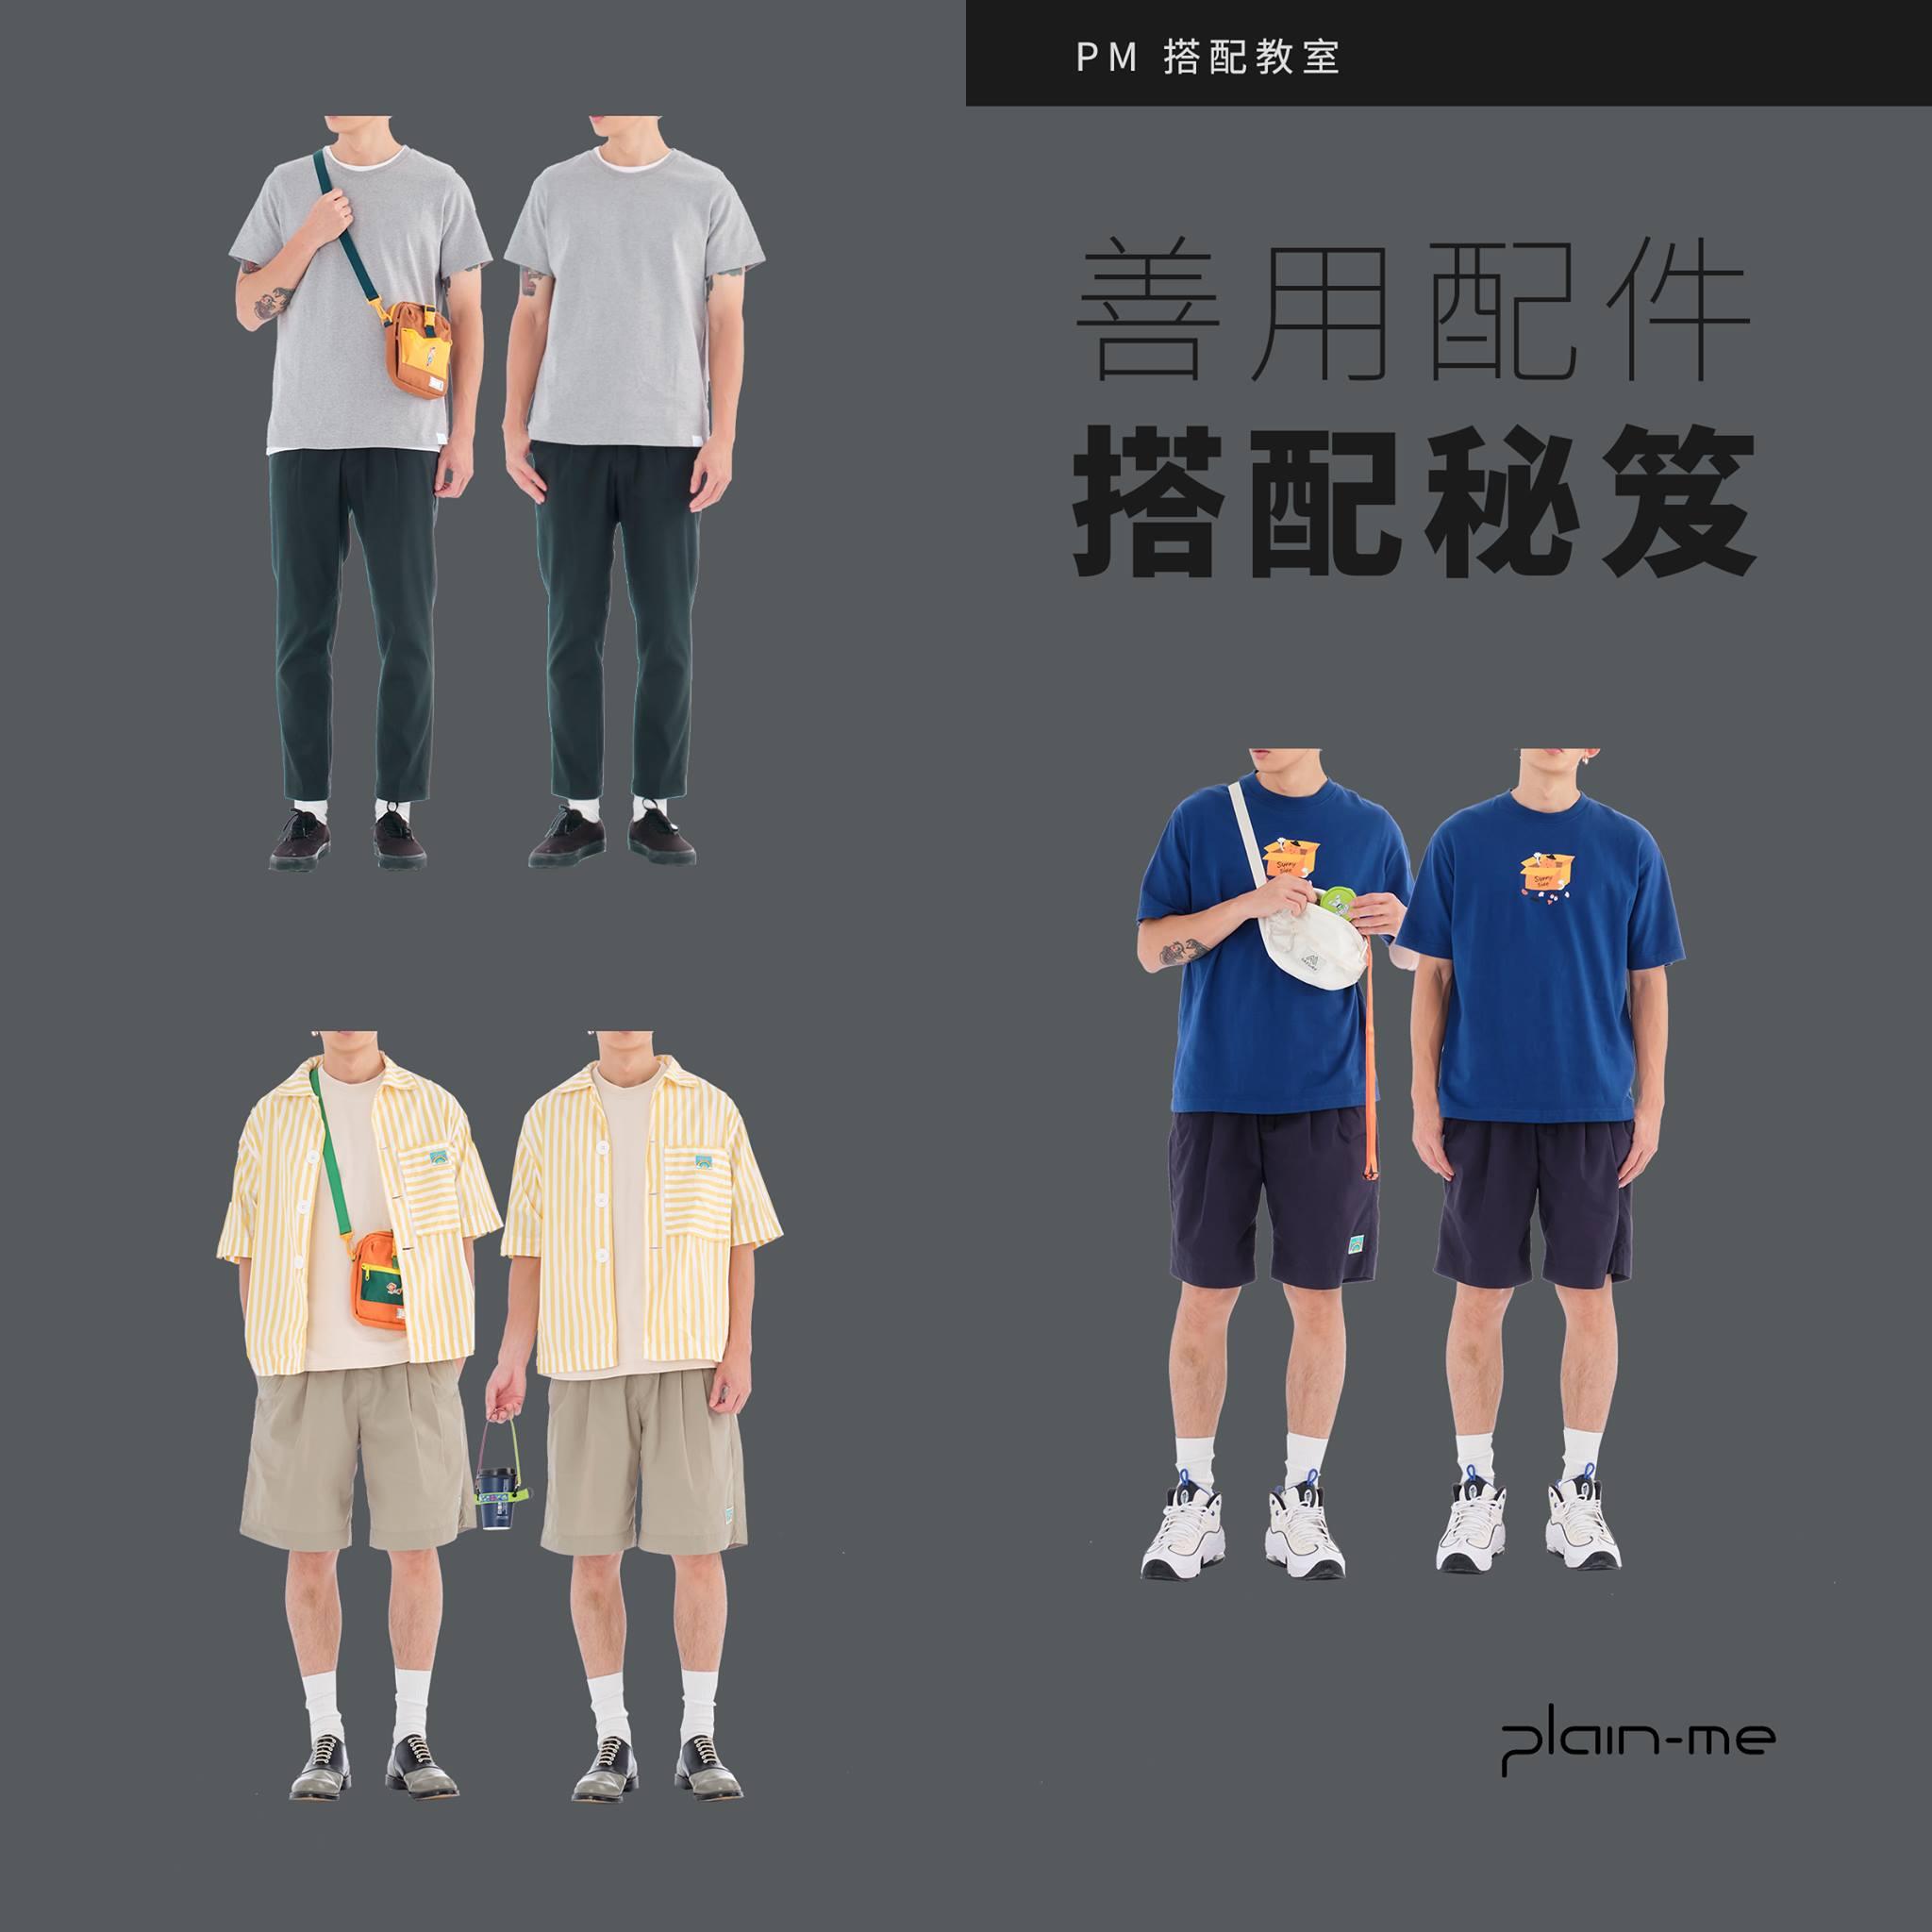 配件,服裝配件,配飾,服裝配件,寬沿帽,紳士帽,毛帽,文字棒球帽,棒球帽,圍巾,中長圍巾,領巾